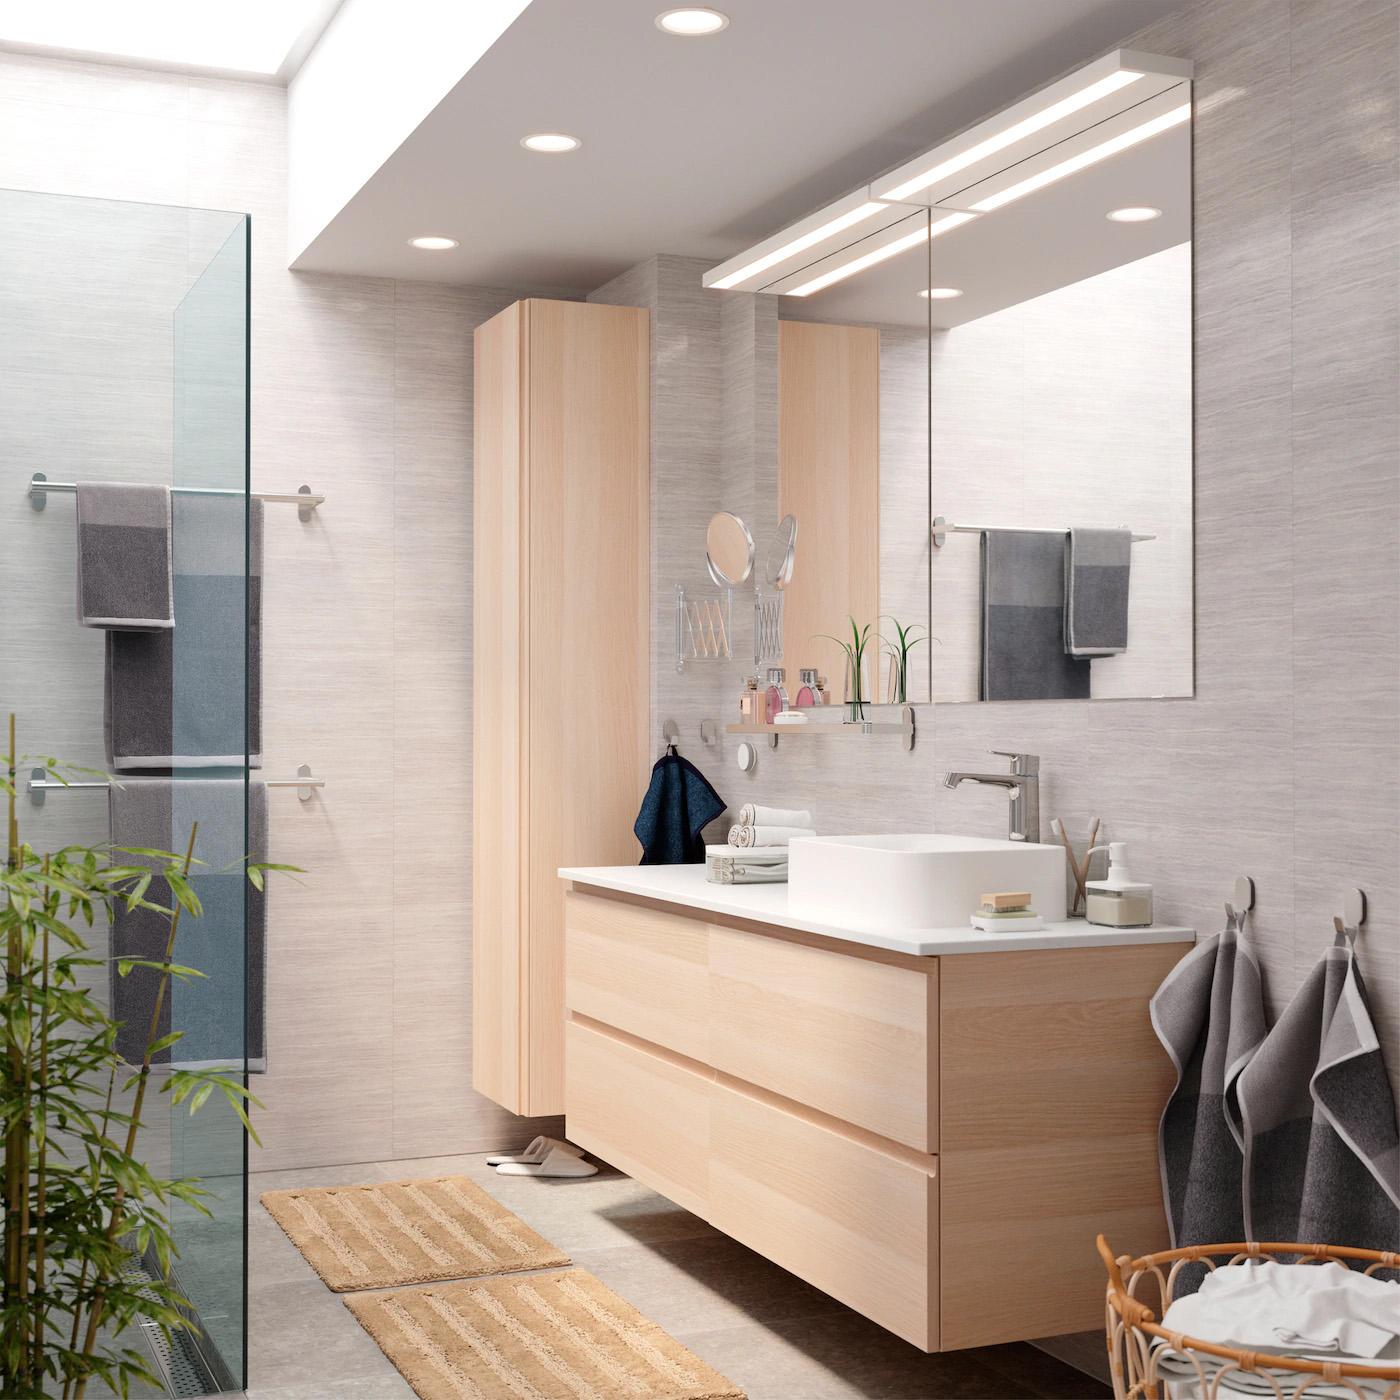 暗藏貯物的浴室